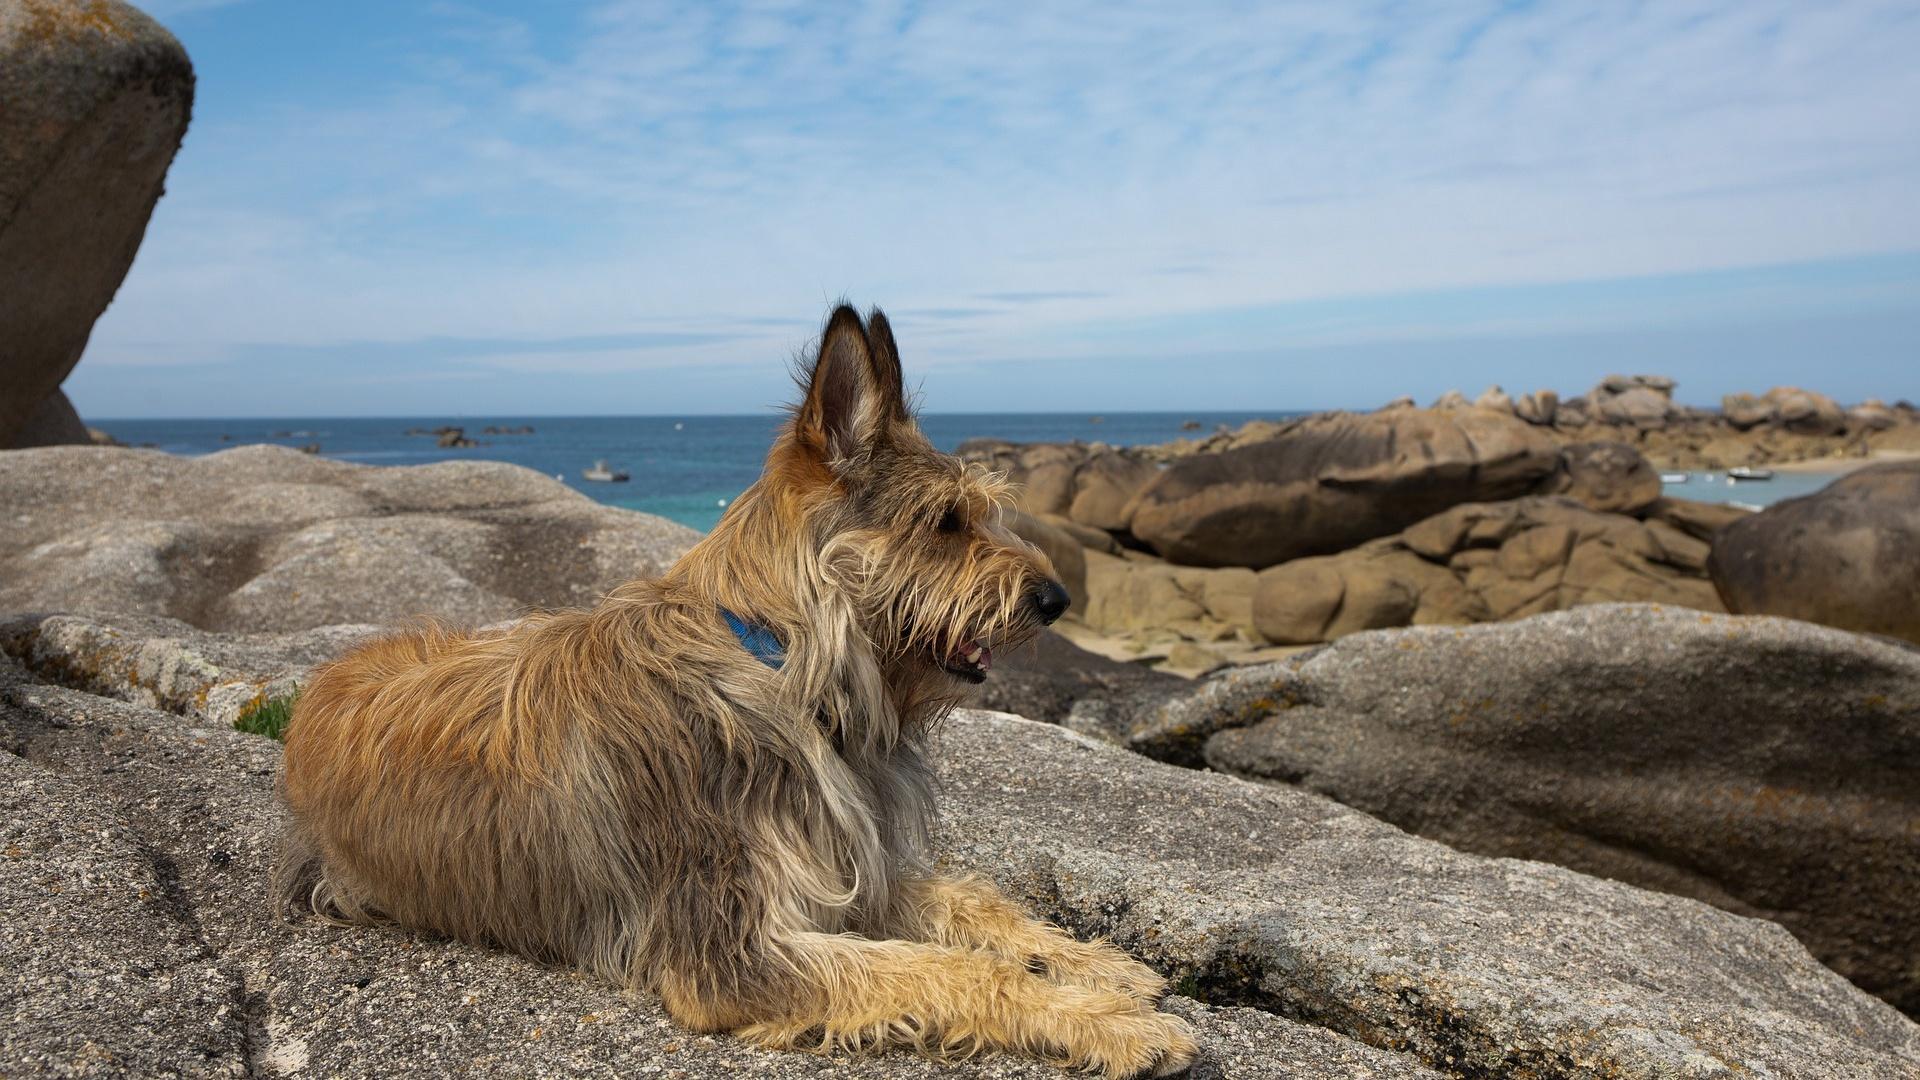 Der Berger Picard ist ein französischer Hütehund und gehört zu den Vertretern der großen, französischen Hunderassen.